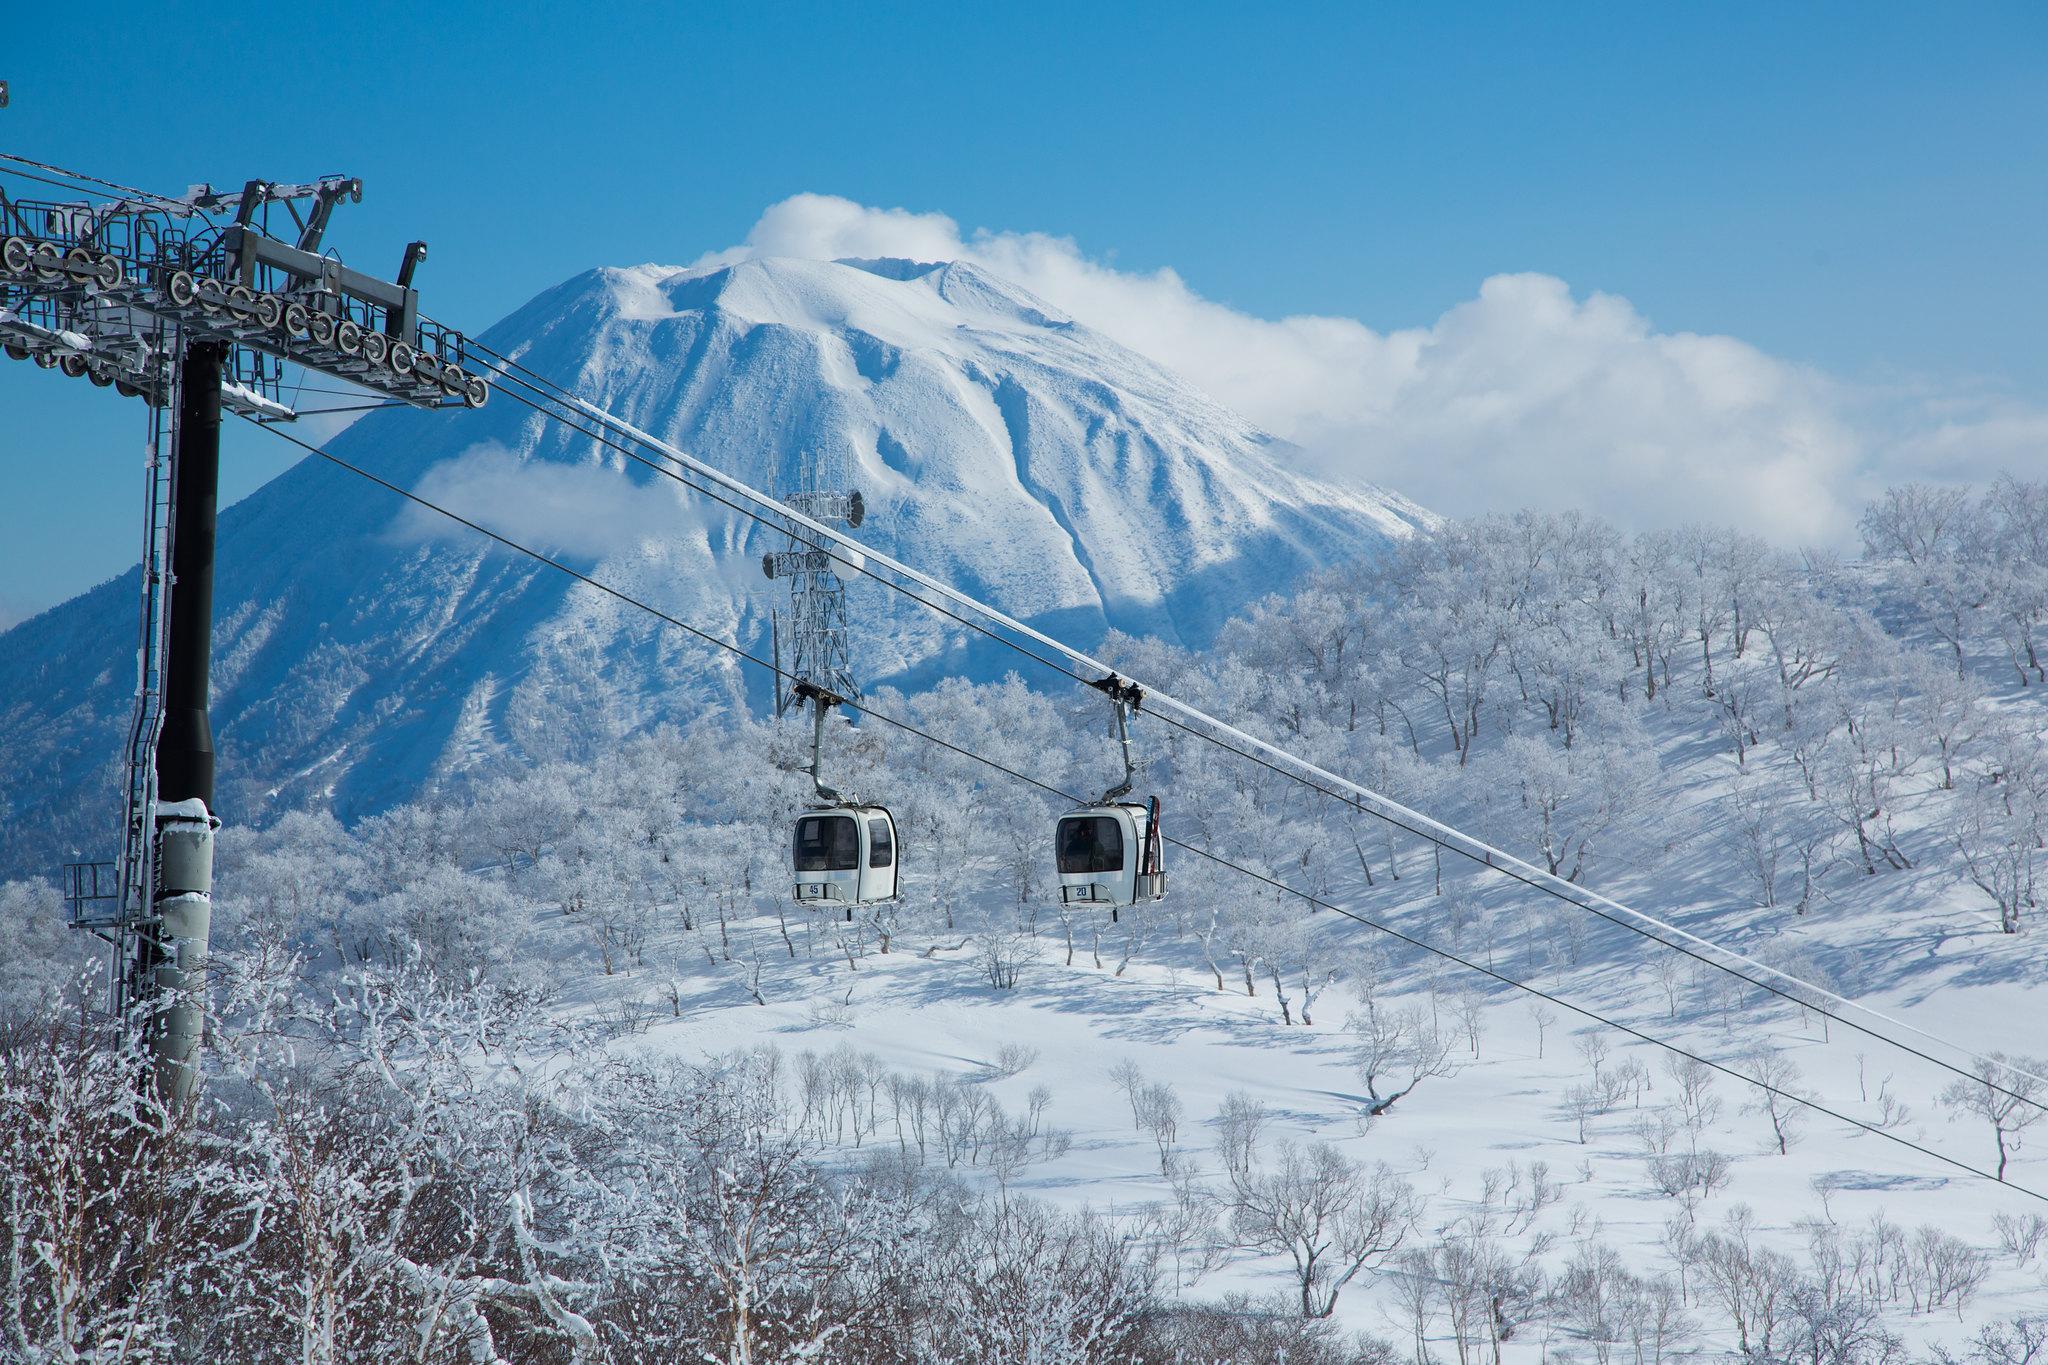 青空と羊蹄山とスキー客を乗せたゴンドラ